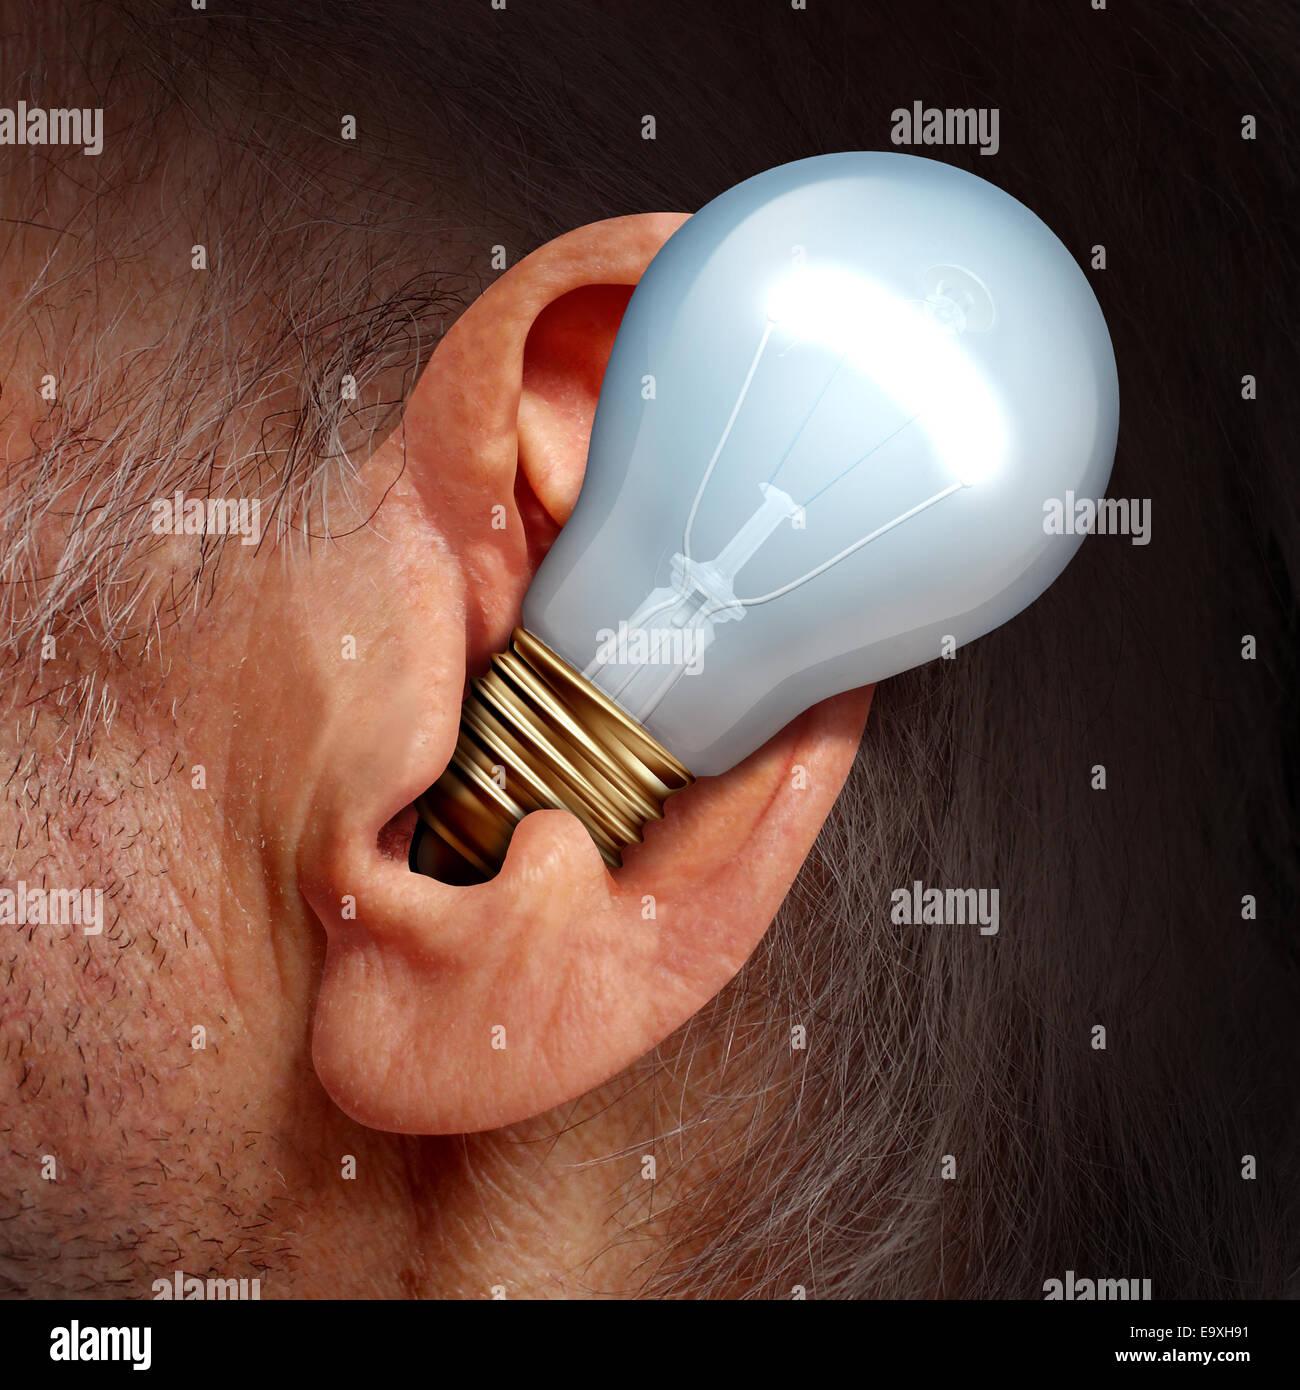 Escuchar ideas concepto como una bombilla dentro de una oreja humana como un símbolo de la escucha y la sintonización Imagen De Stock